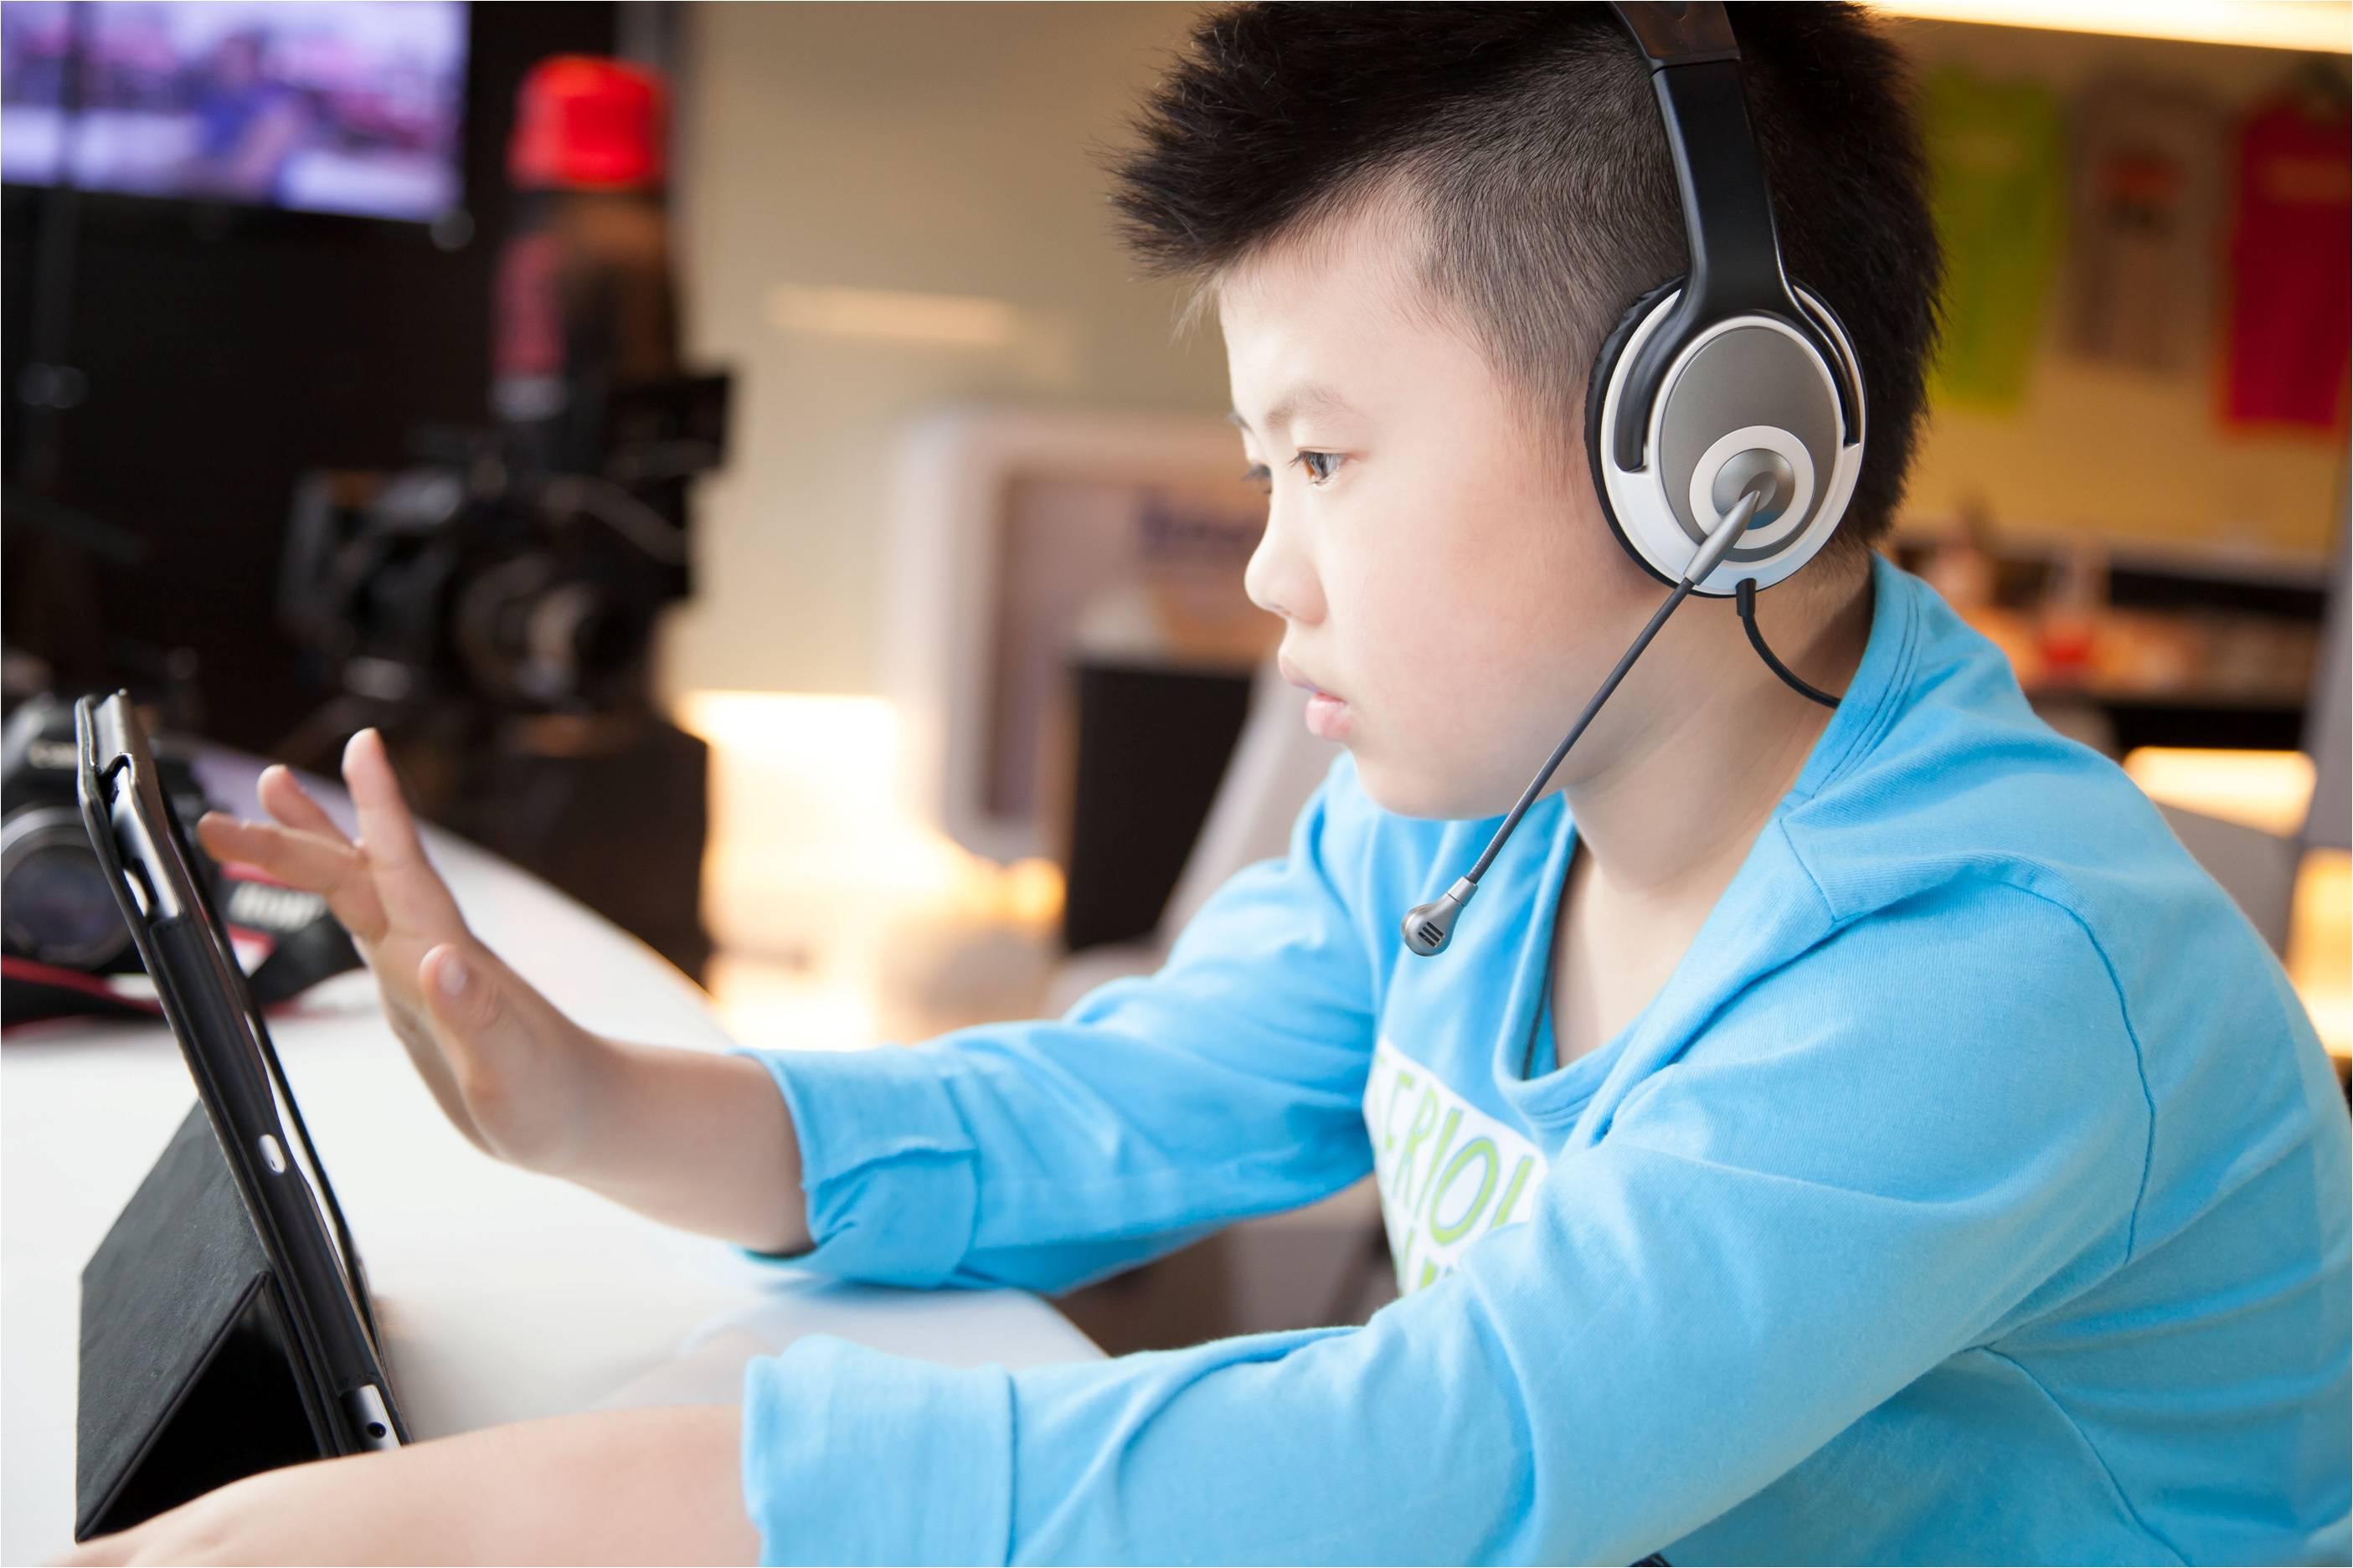 12年國教最佳英語學習方式-TutorABCJr新式課綱版教學系統